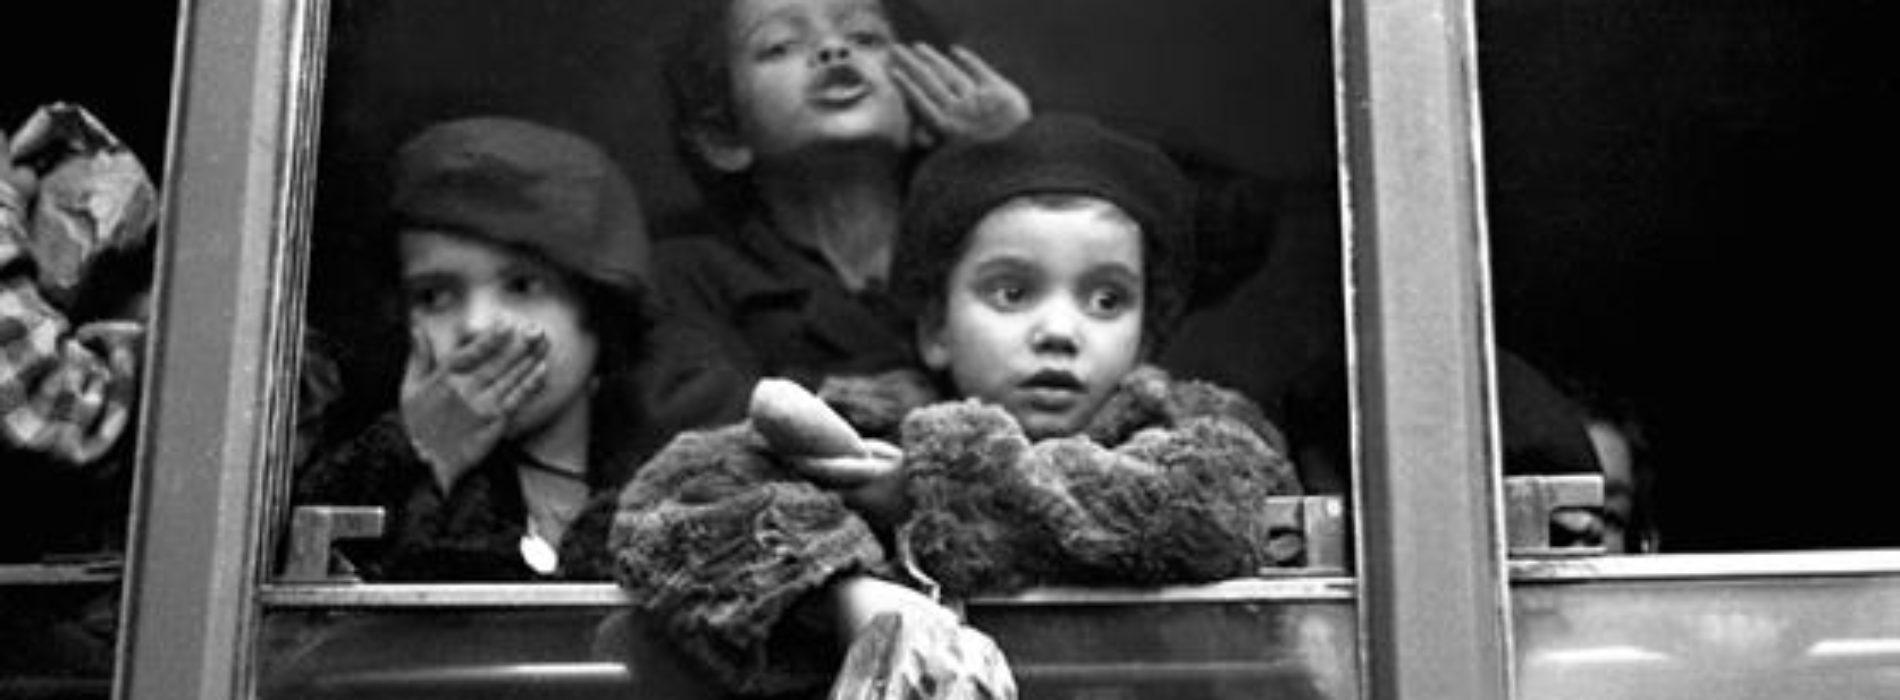 50 anni di storia napoletana con le foto di Riccardo Carbone